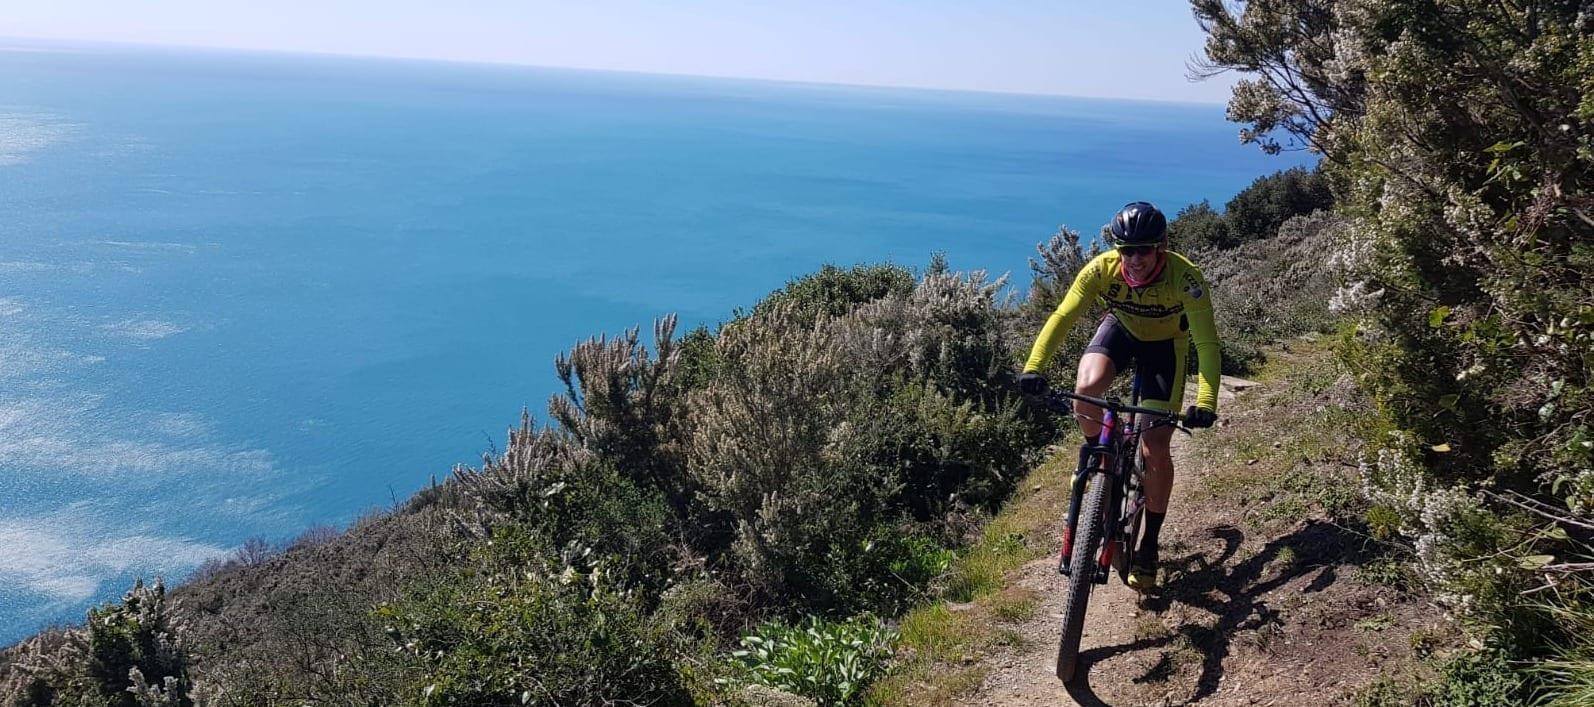 Sportvoeding en mountainbike